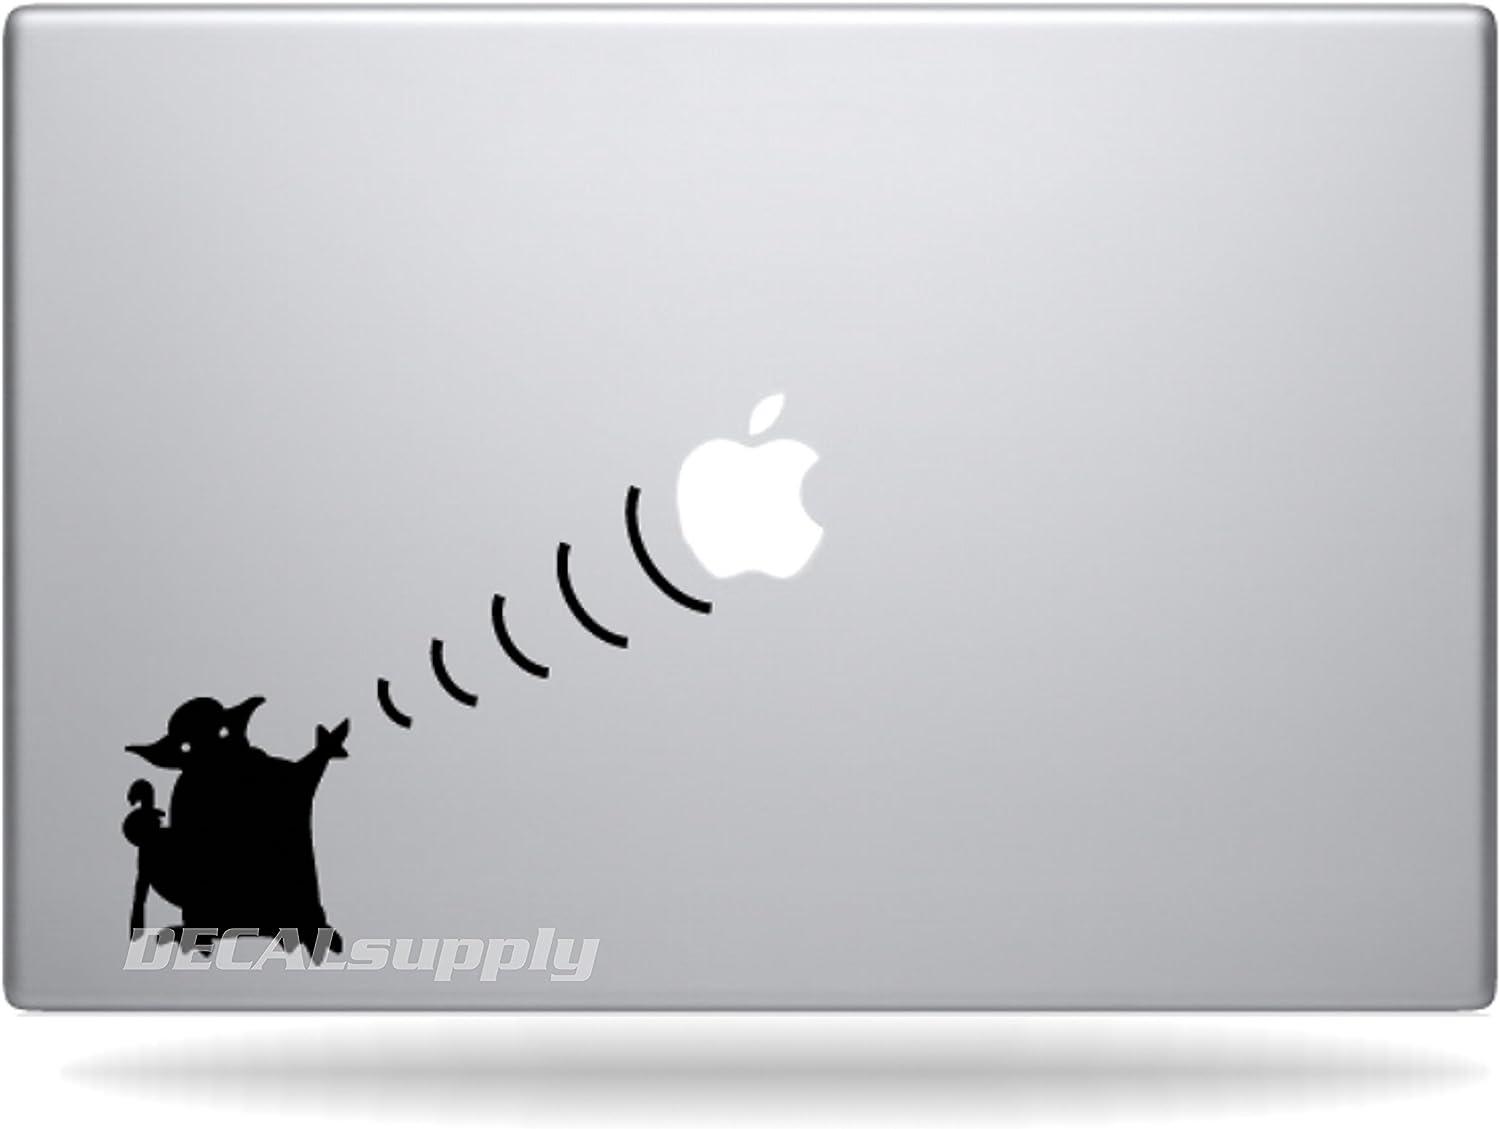 Yoda Star Wars for Macbook Air 11, 13, Macbook Pro 13,15,17 Decals, Stickers.